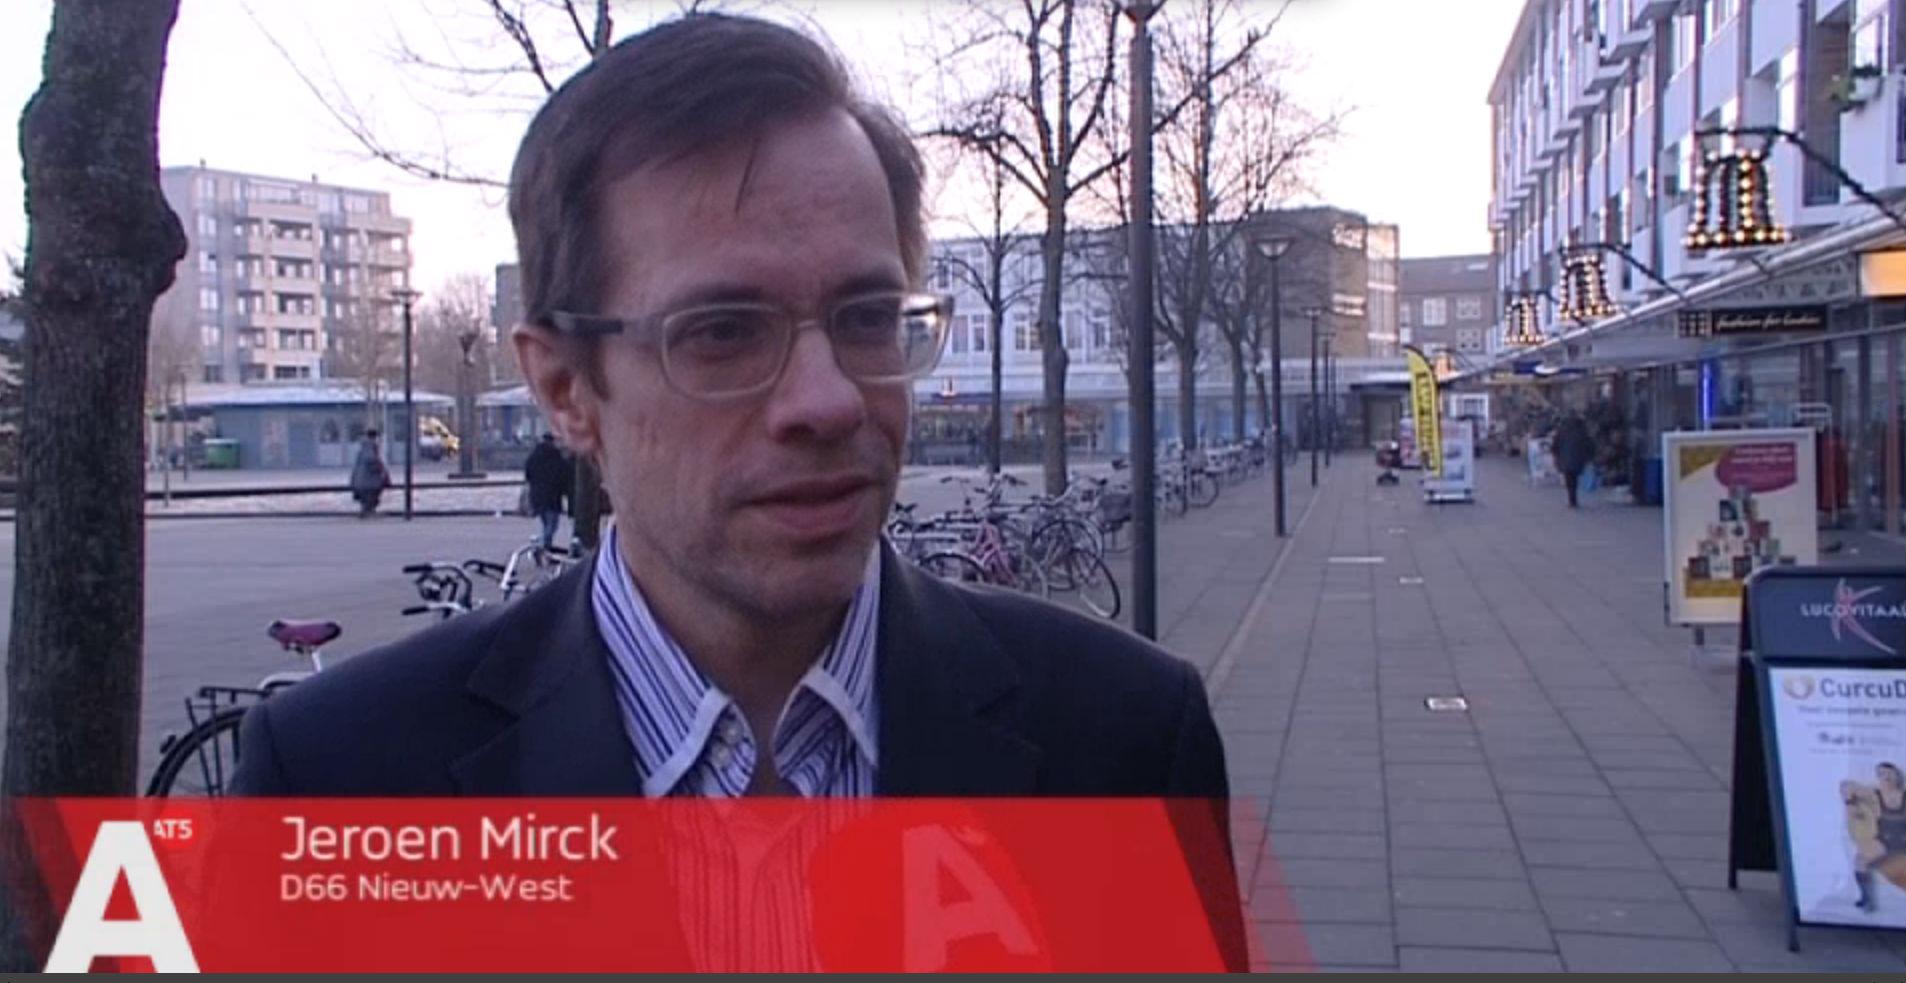 Jeroen Mirck (D66 Nieuw-West)